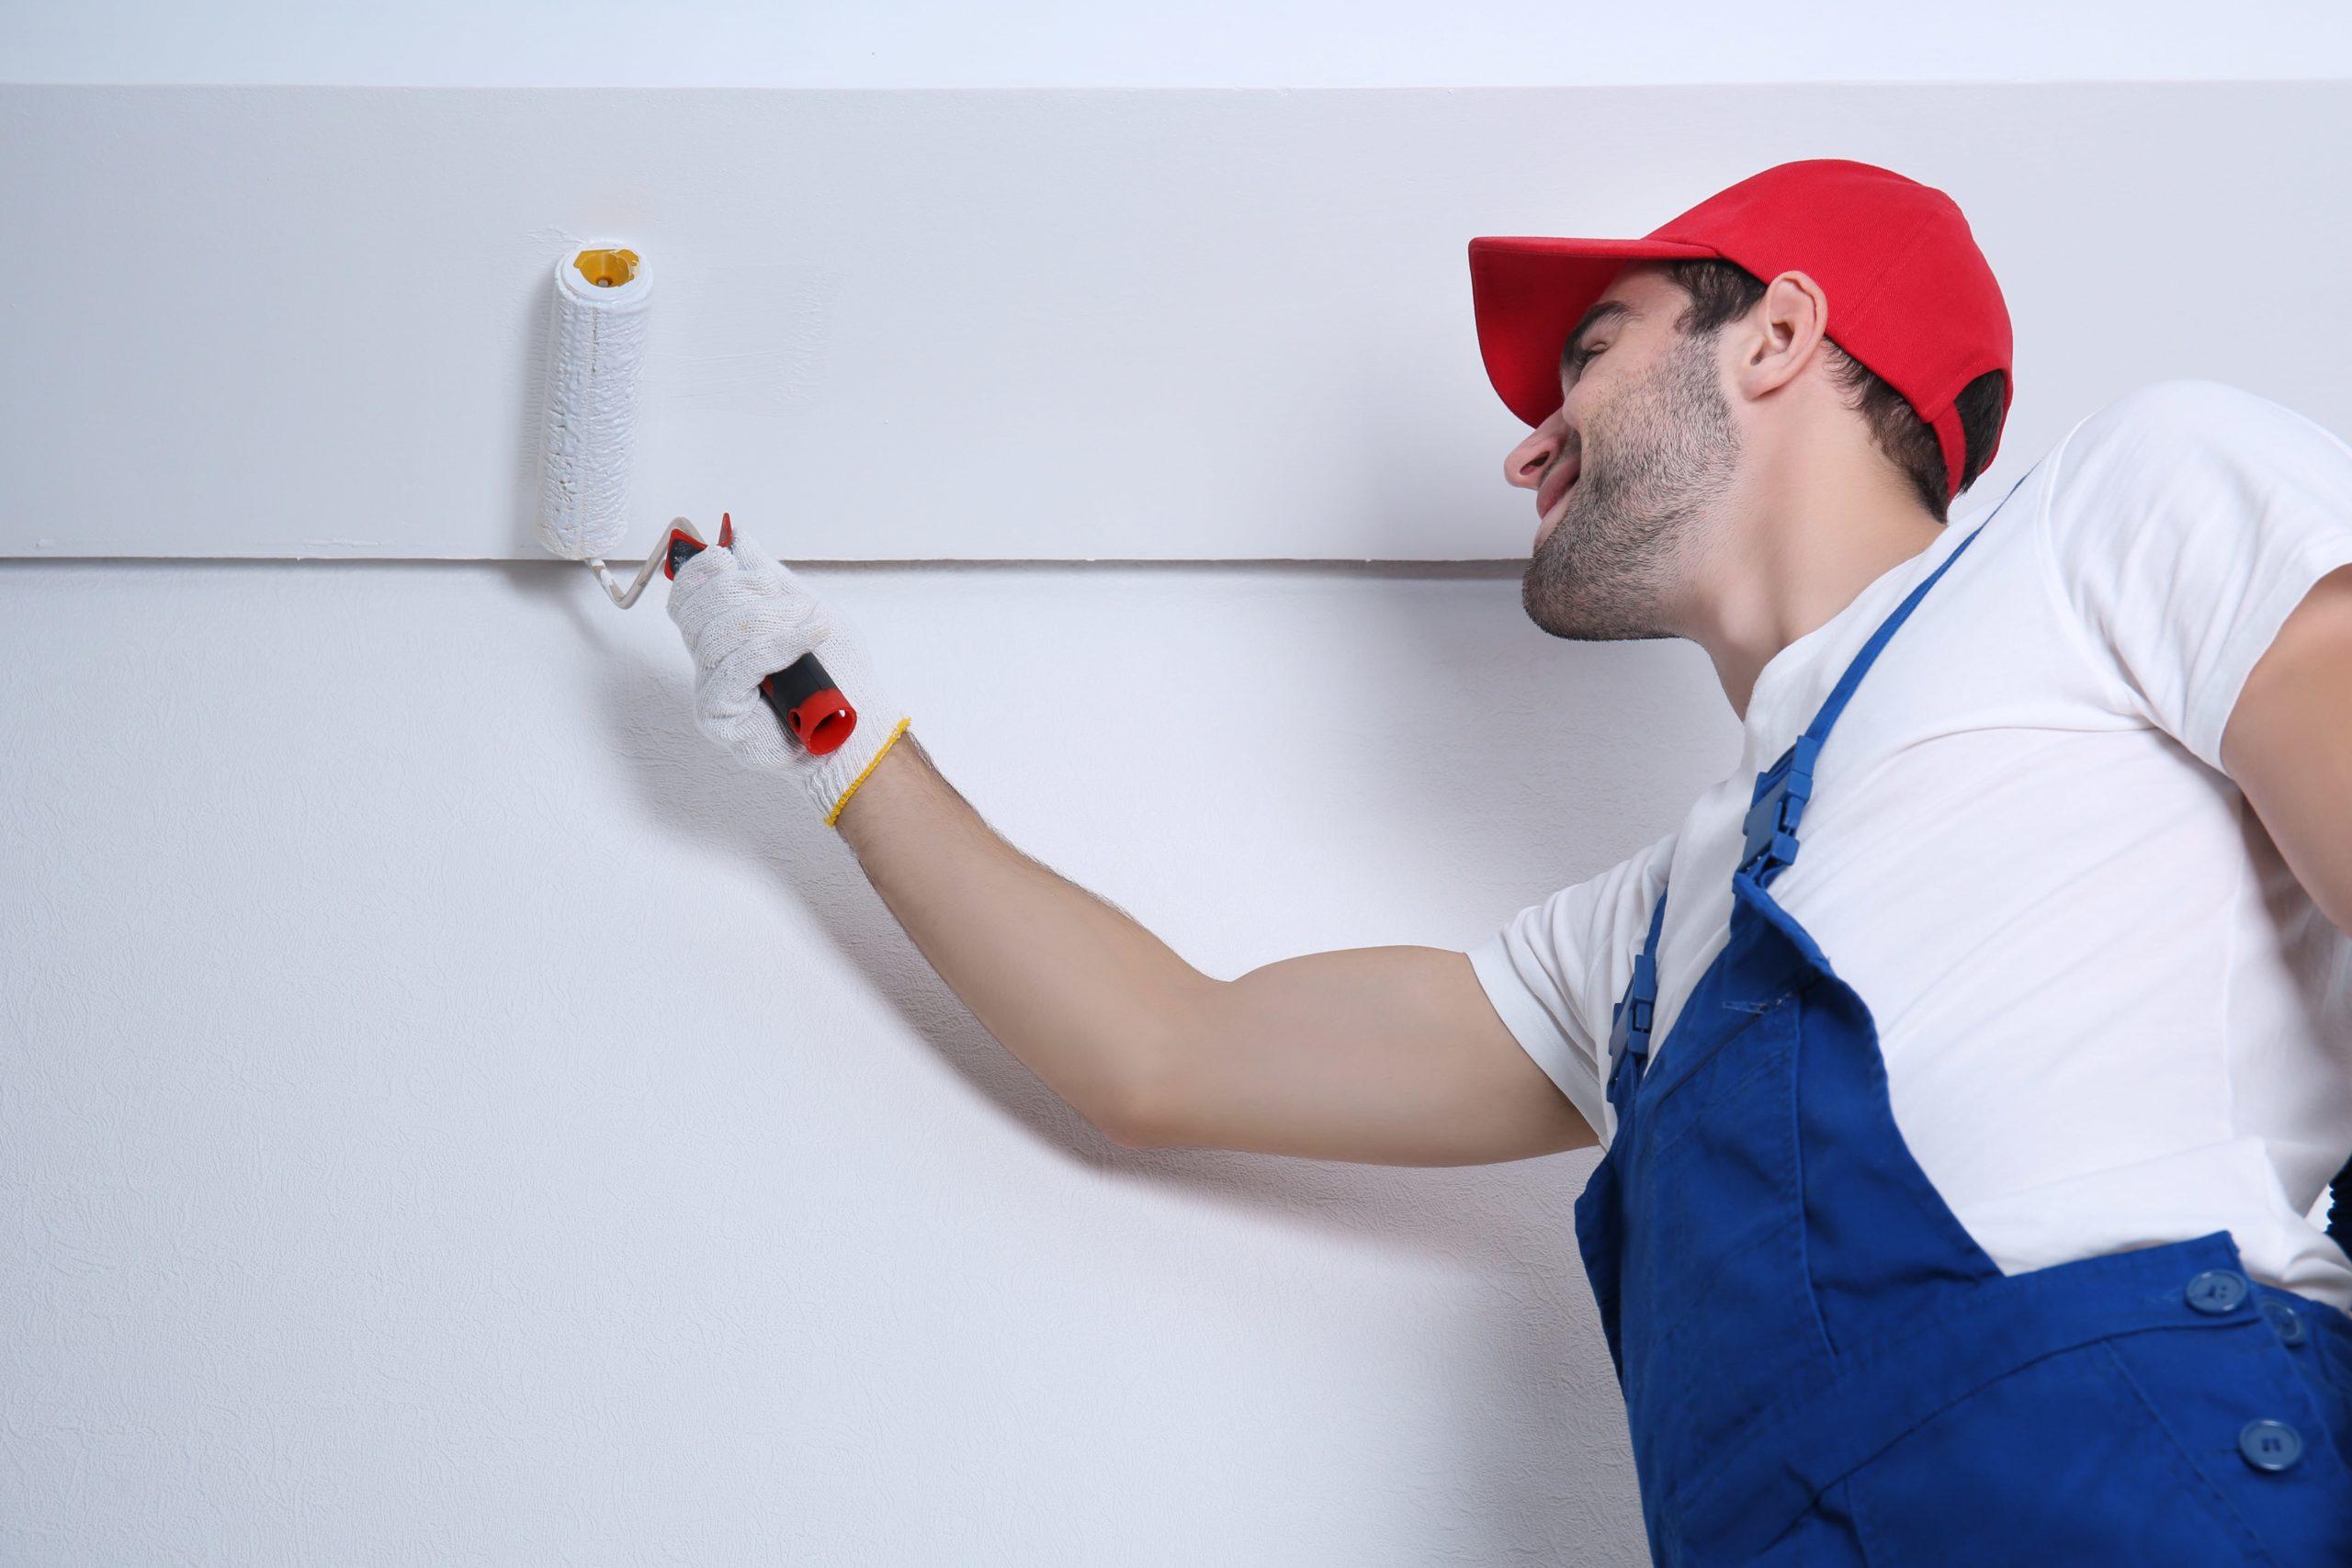 Окрашивание потолка в доме